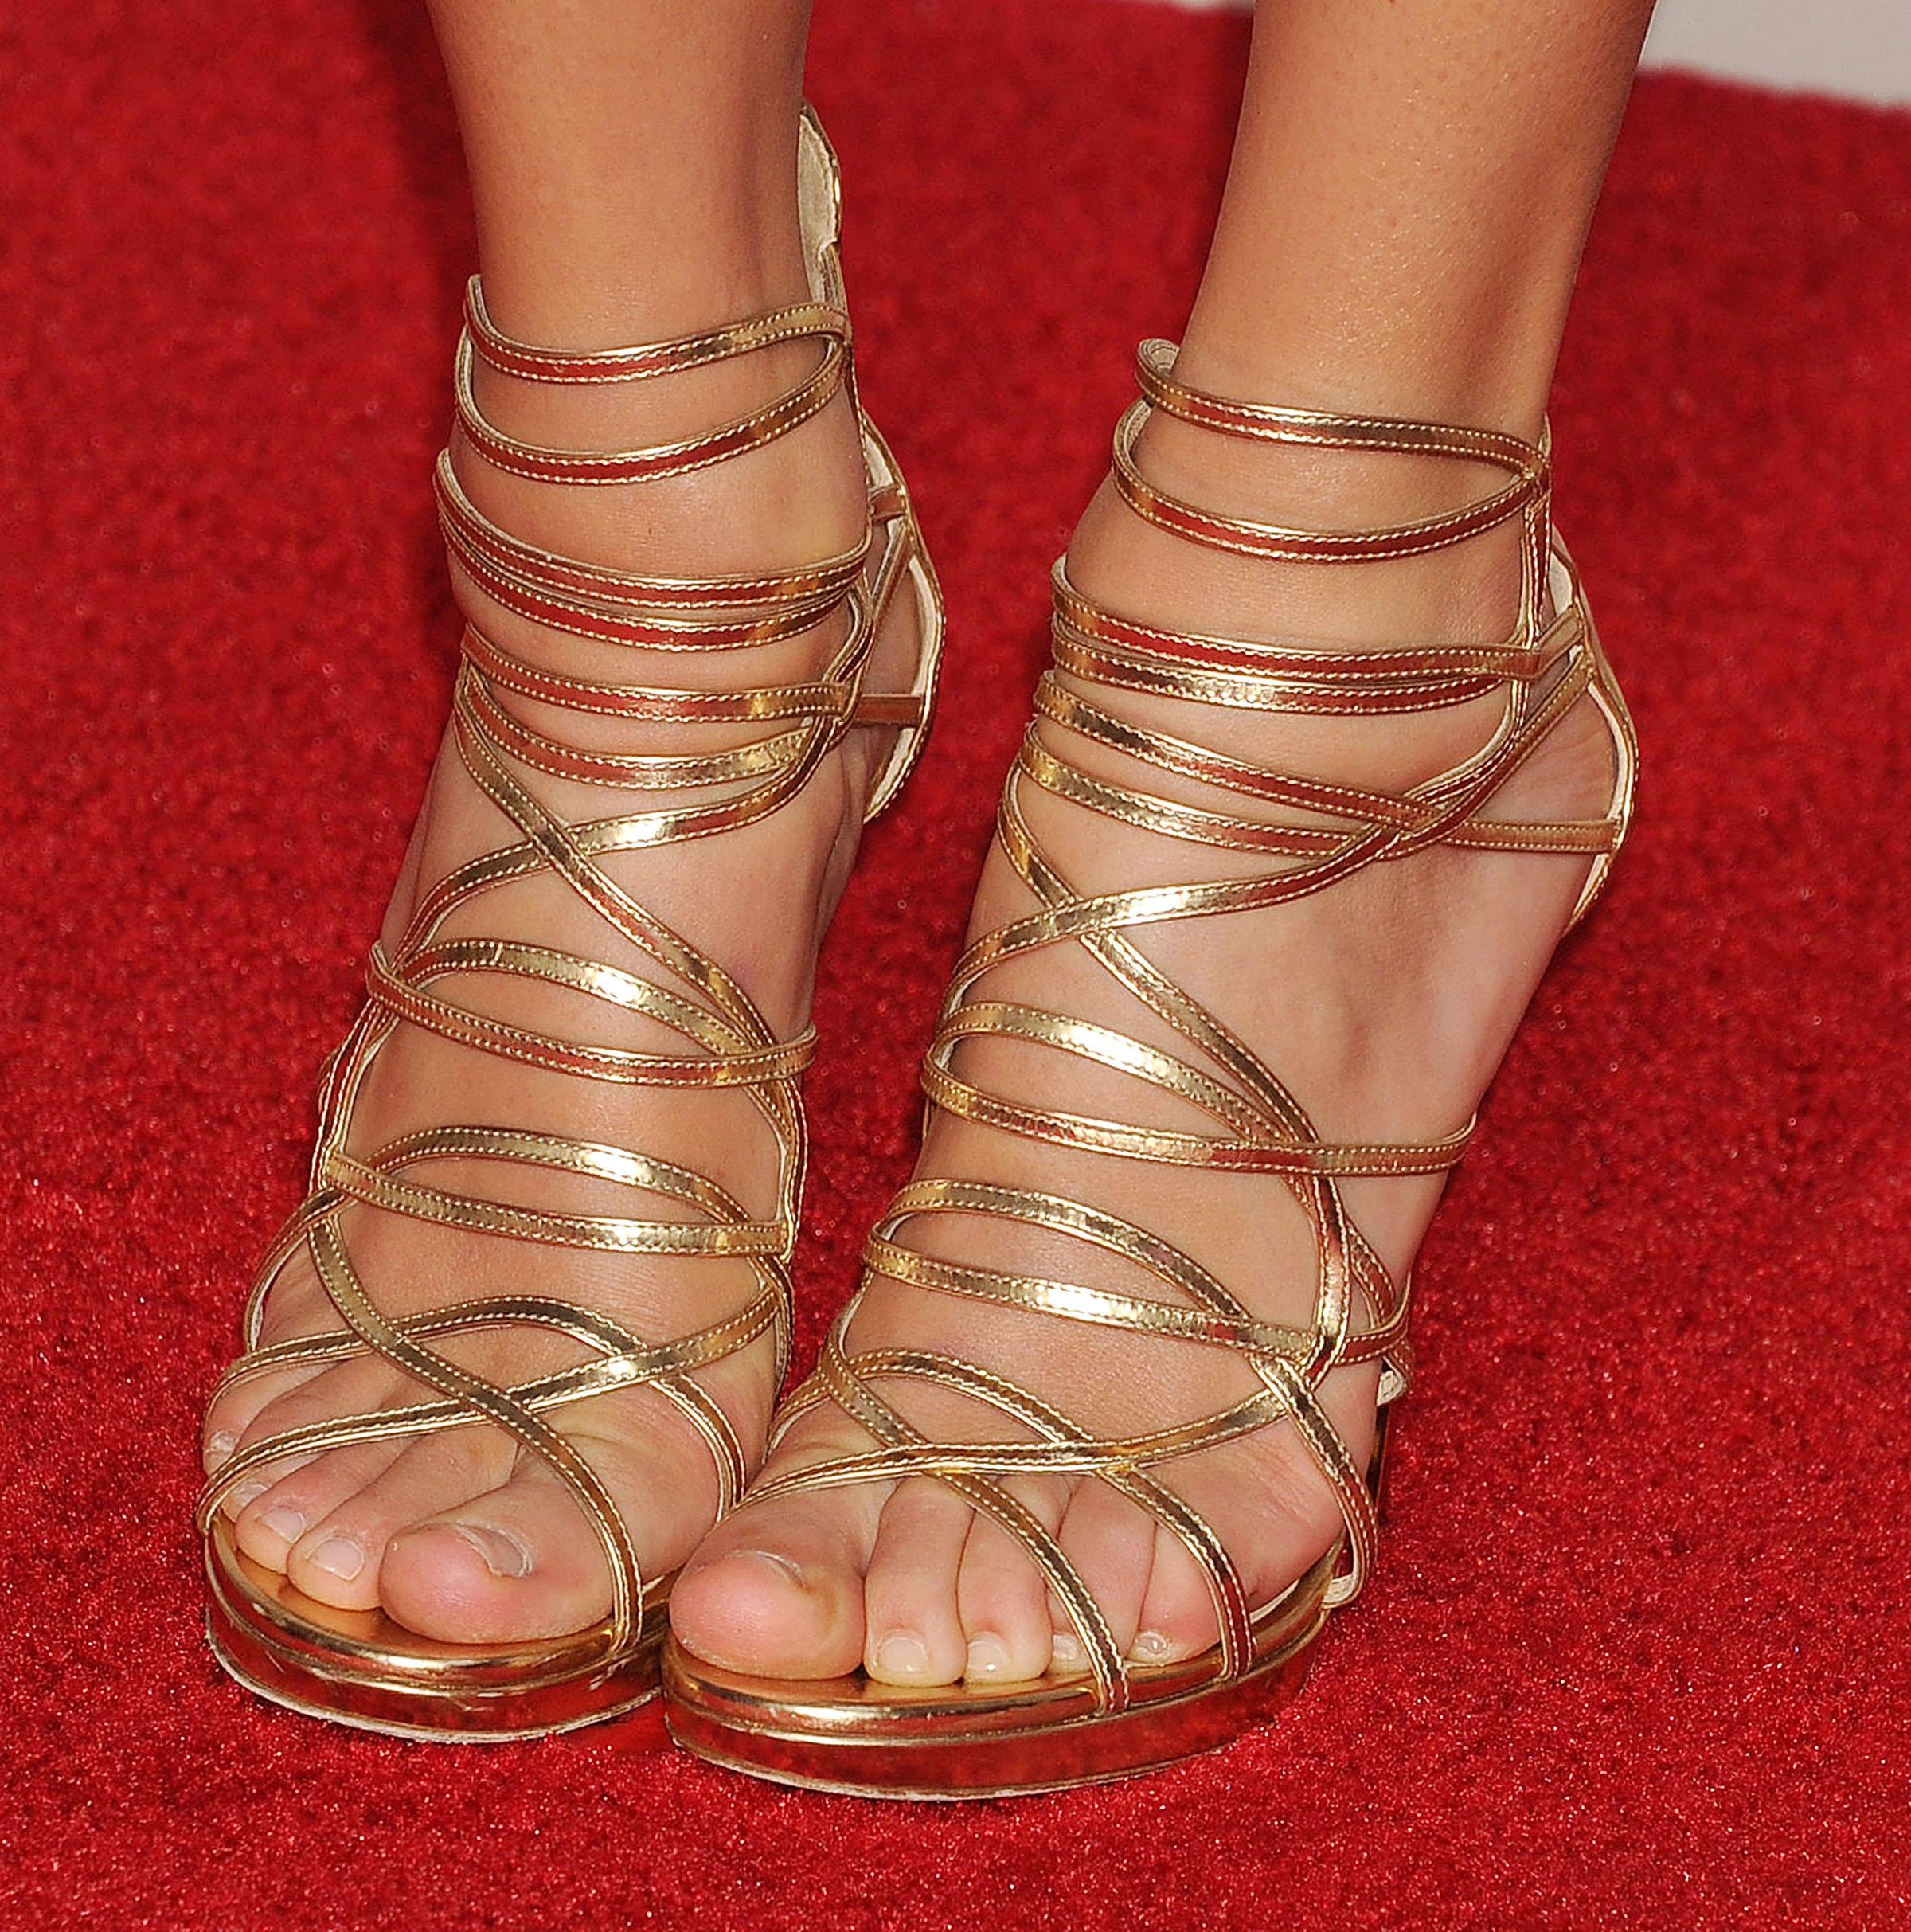 Feet Joanna Krupa naked (94 photos), Topless, Leaked, Boobs, underwear 2006